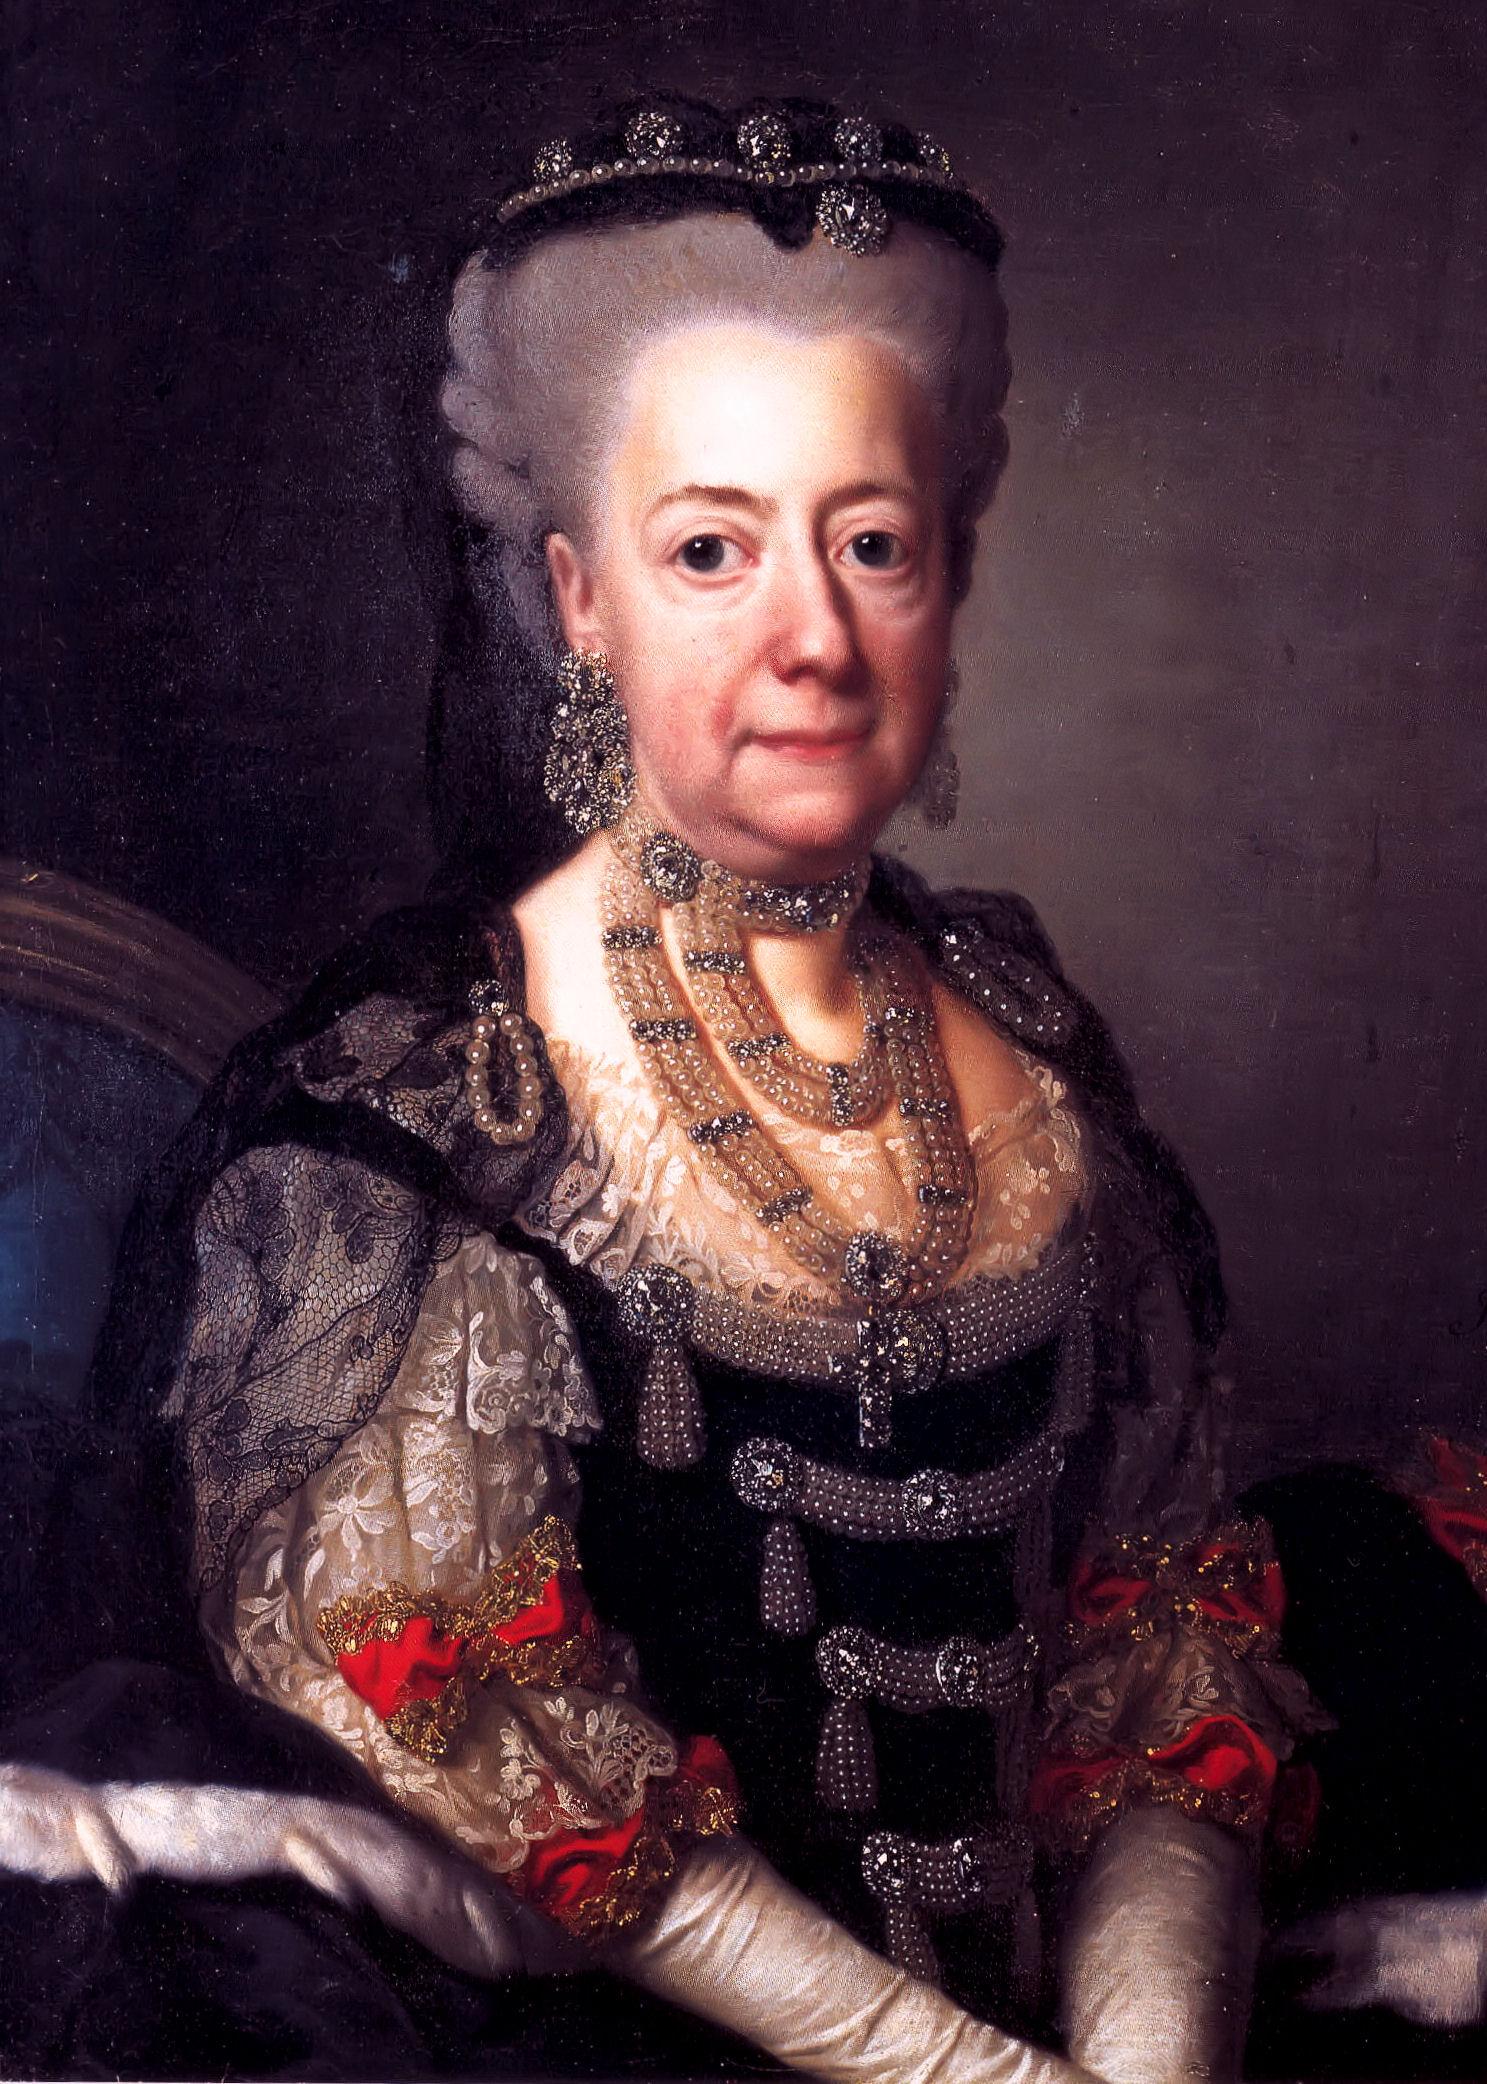 Luise_Ulrike_von_Preußen_-_Queen_of_Sweden